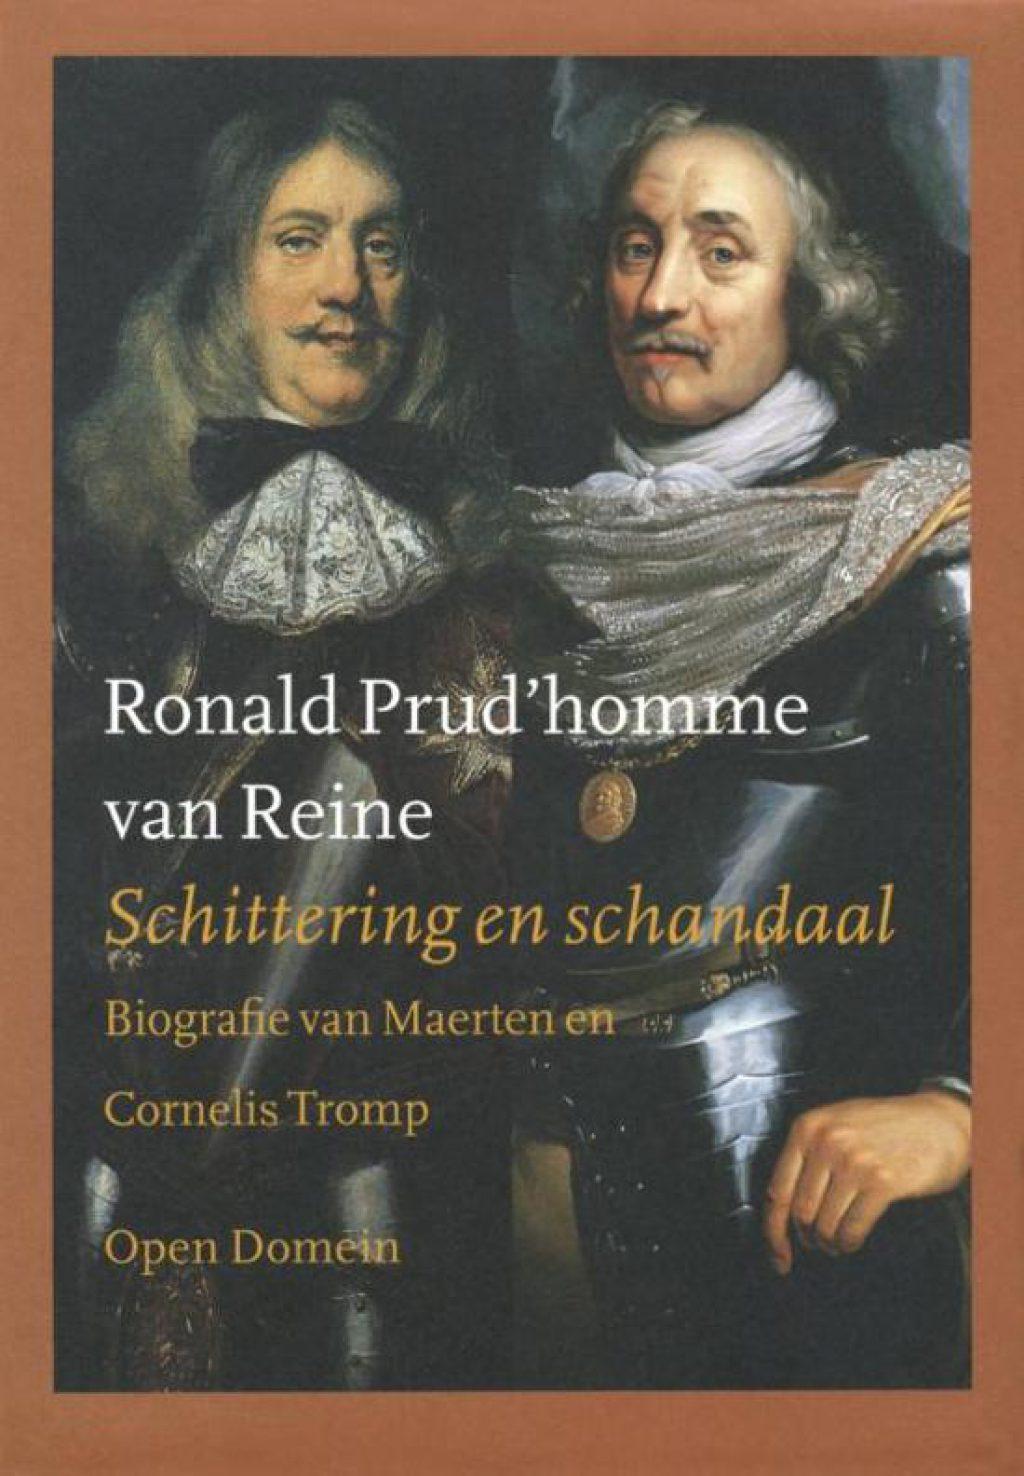 Biografie van Maarten en Cornelis Tromp, in 2001 gepubliceerd door Ronald Prud'Homme van Reine (Bibliotheek 53 C 45)